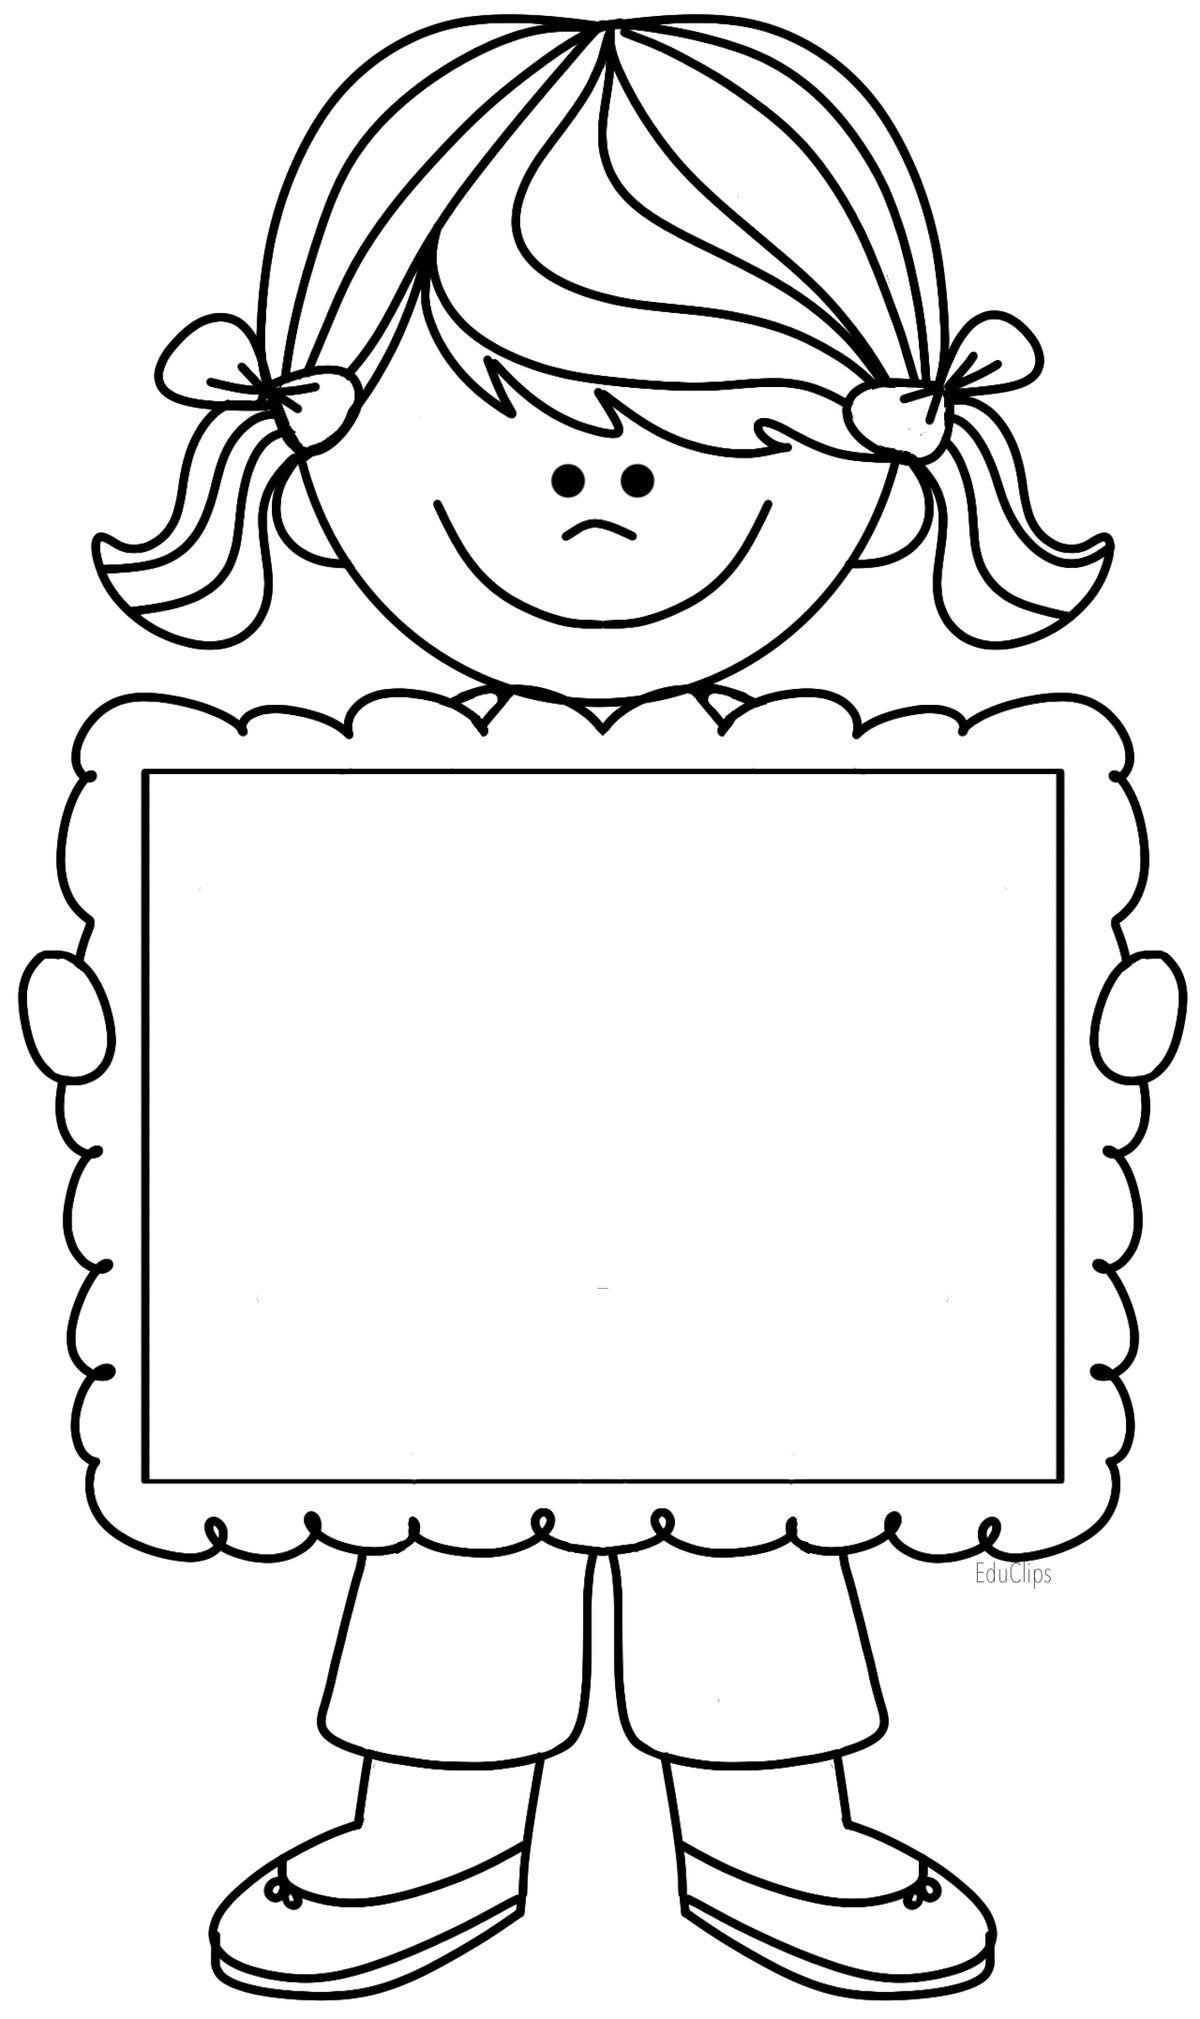 Pin Van Yiraudiz Ariza Op Activiteiten Aan Het Begin Van Het Schooljaar Prints Schrijfpapier Kinderkleurplaten